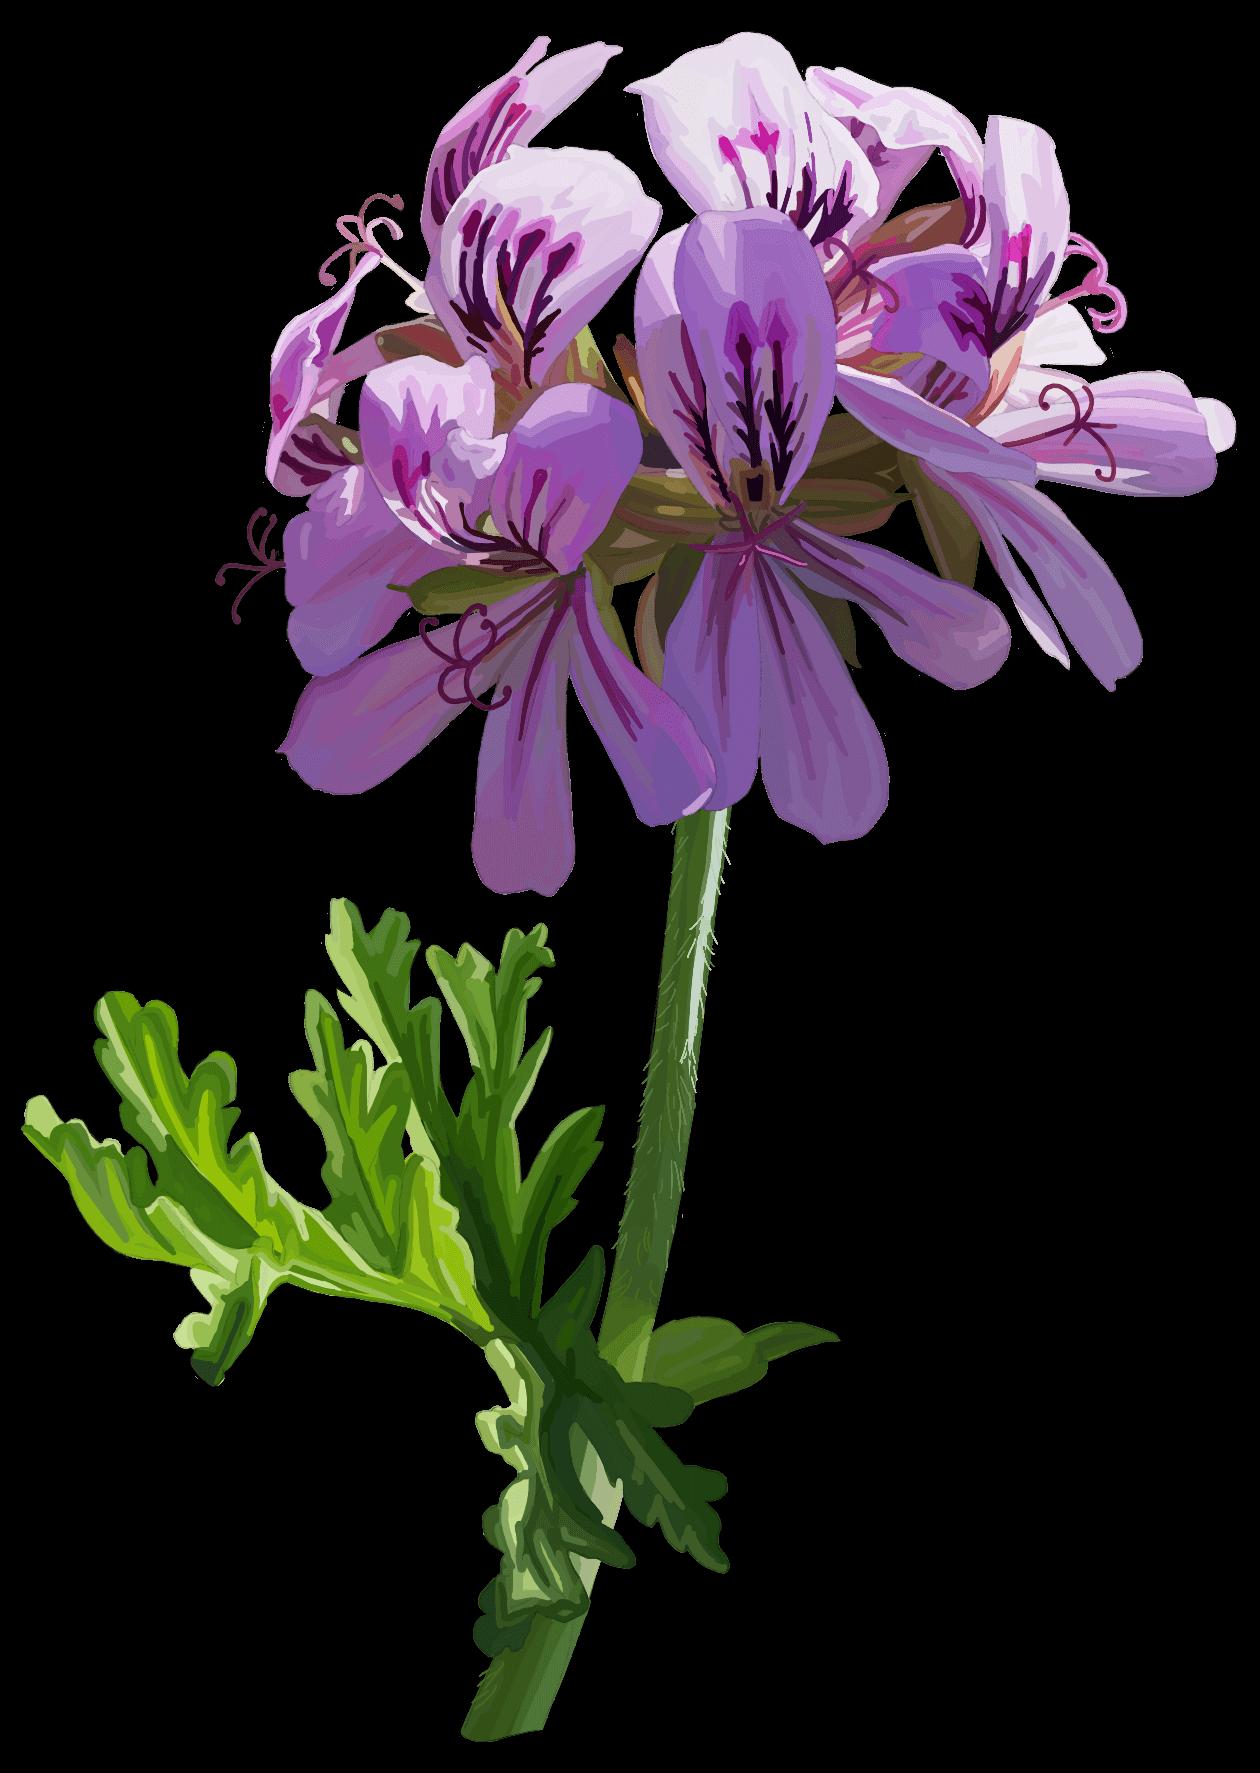 Geranium. Pelargonium graveolens